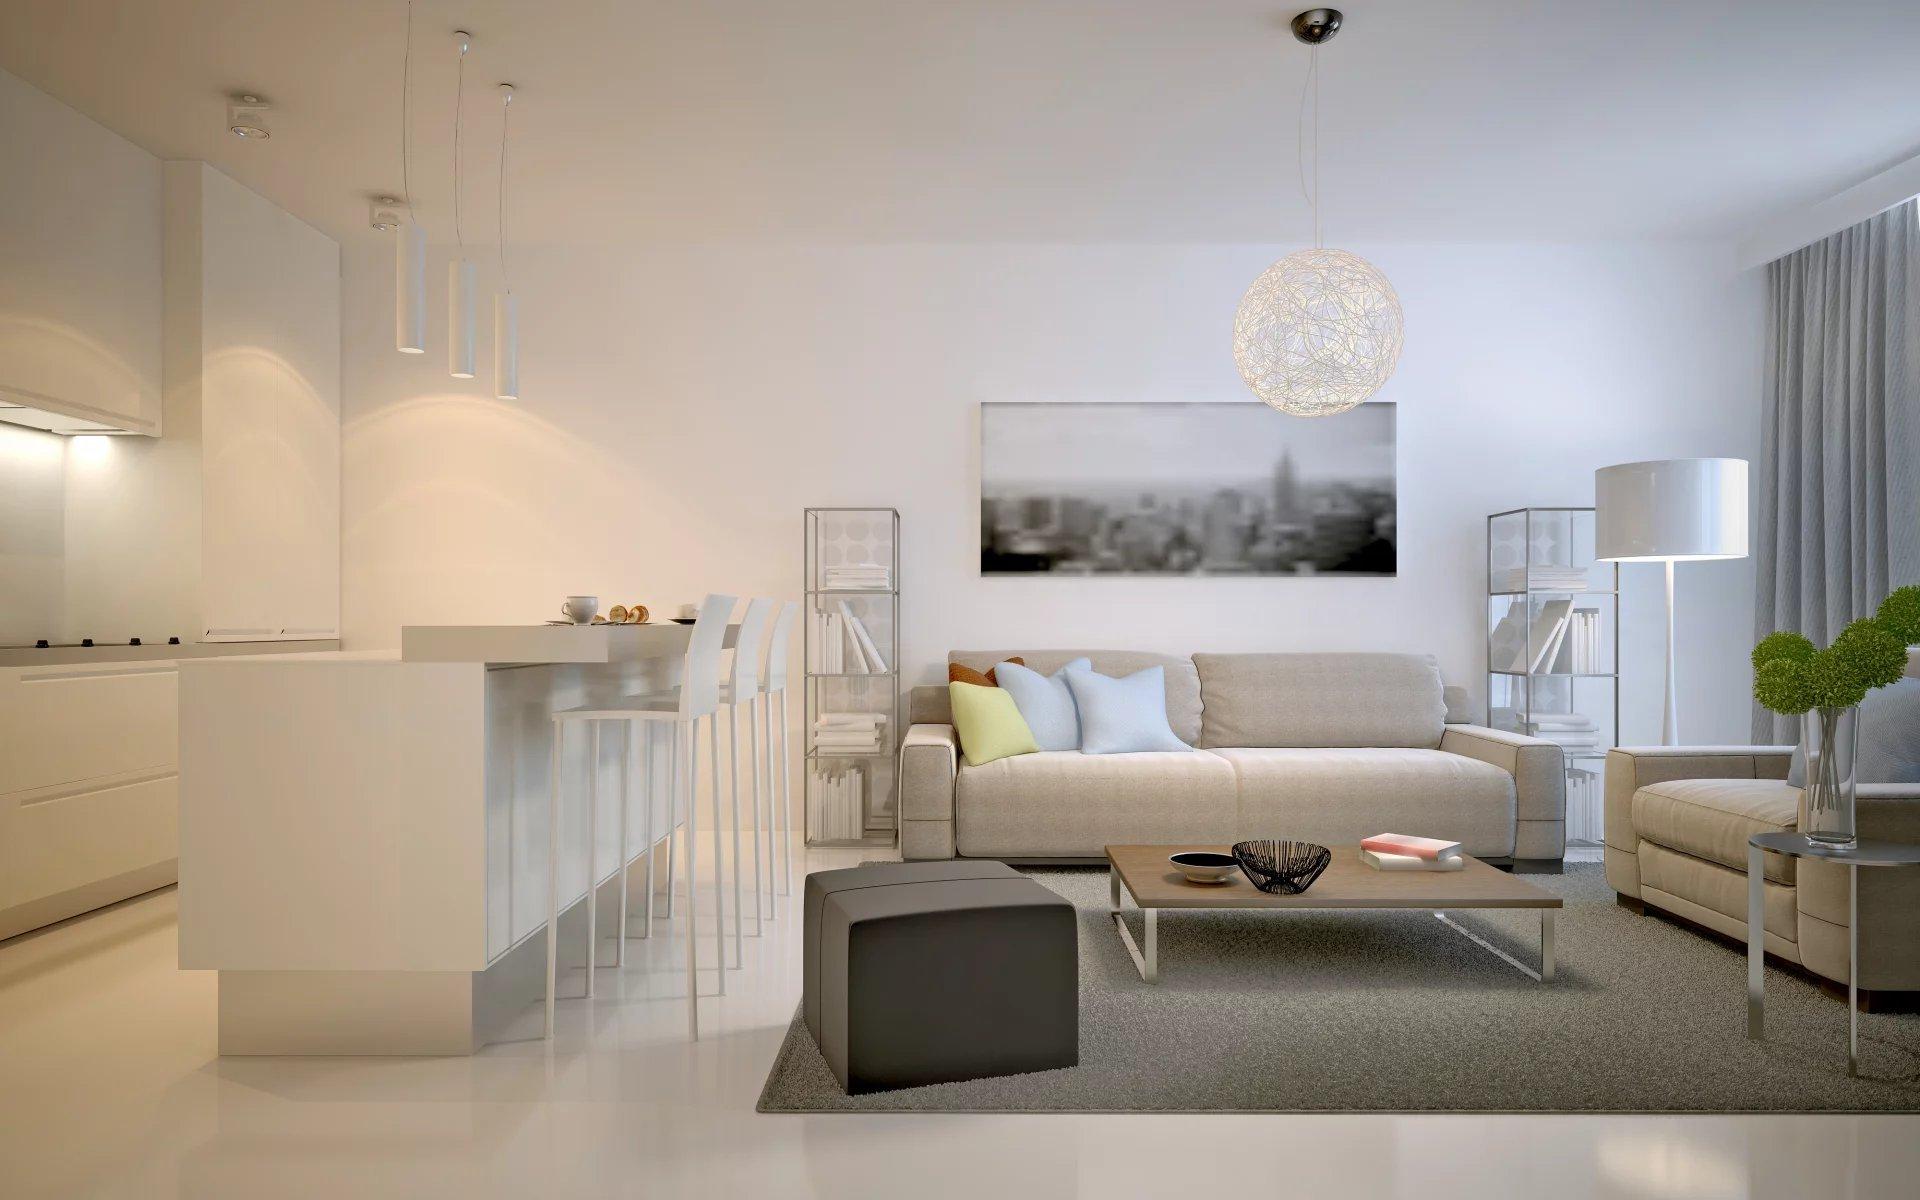 Appartement a vendre nanterre - 2 pièce(s) - 41.3 m2 - Surfyn